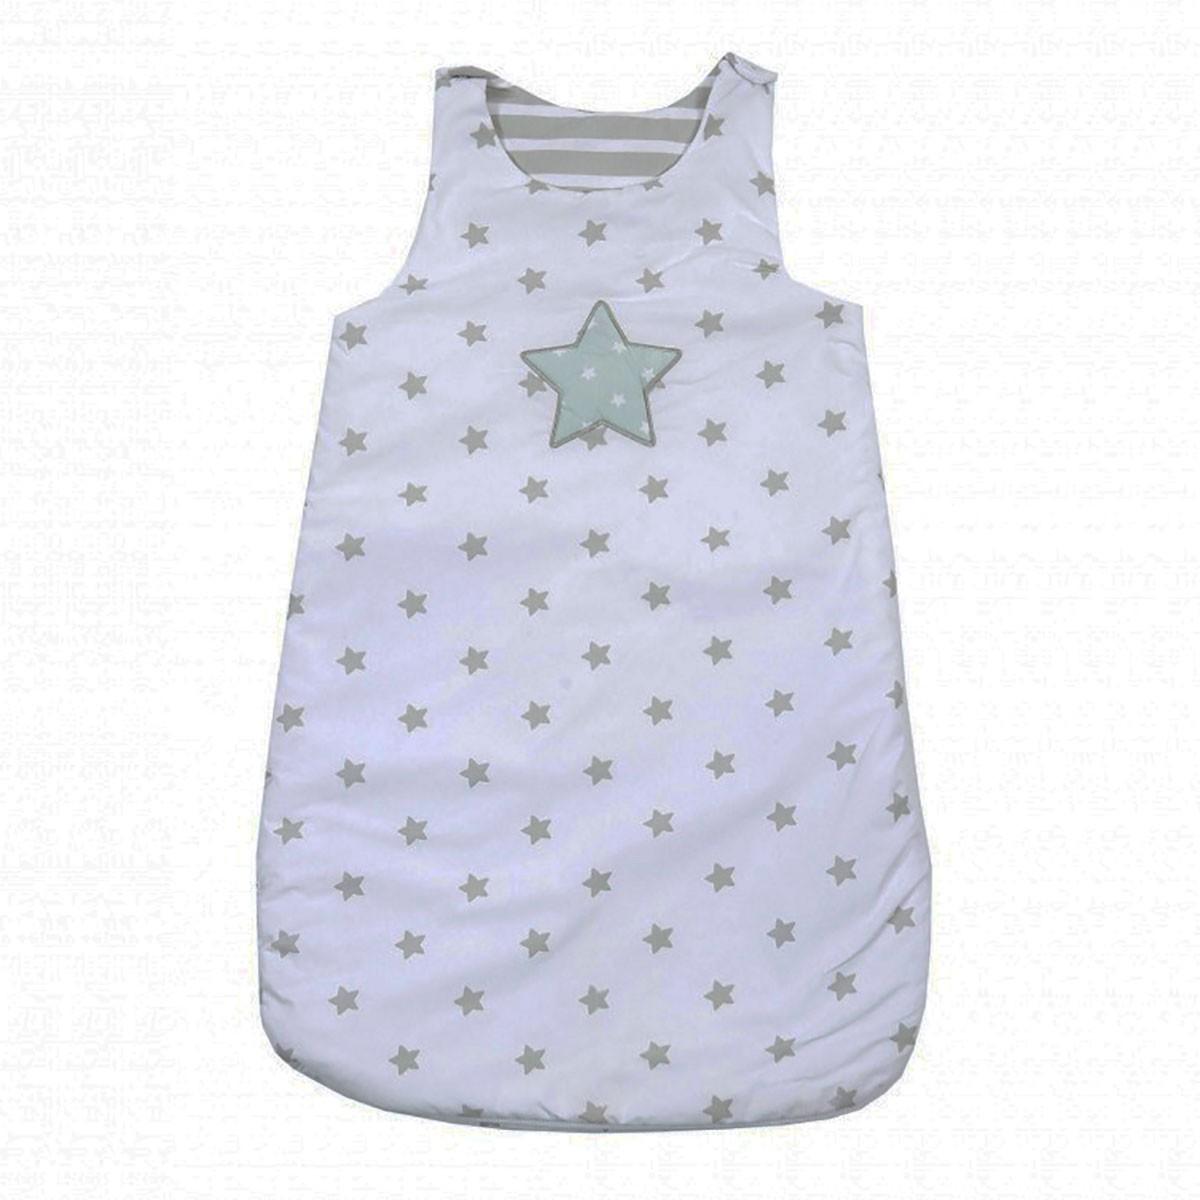 Υπνόσακος (6-12 μηνών) Laura Ashley Rock Star 58110